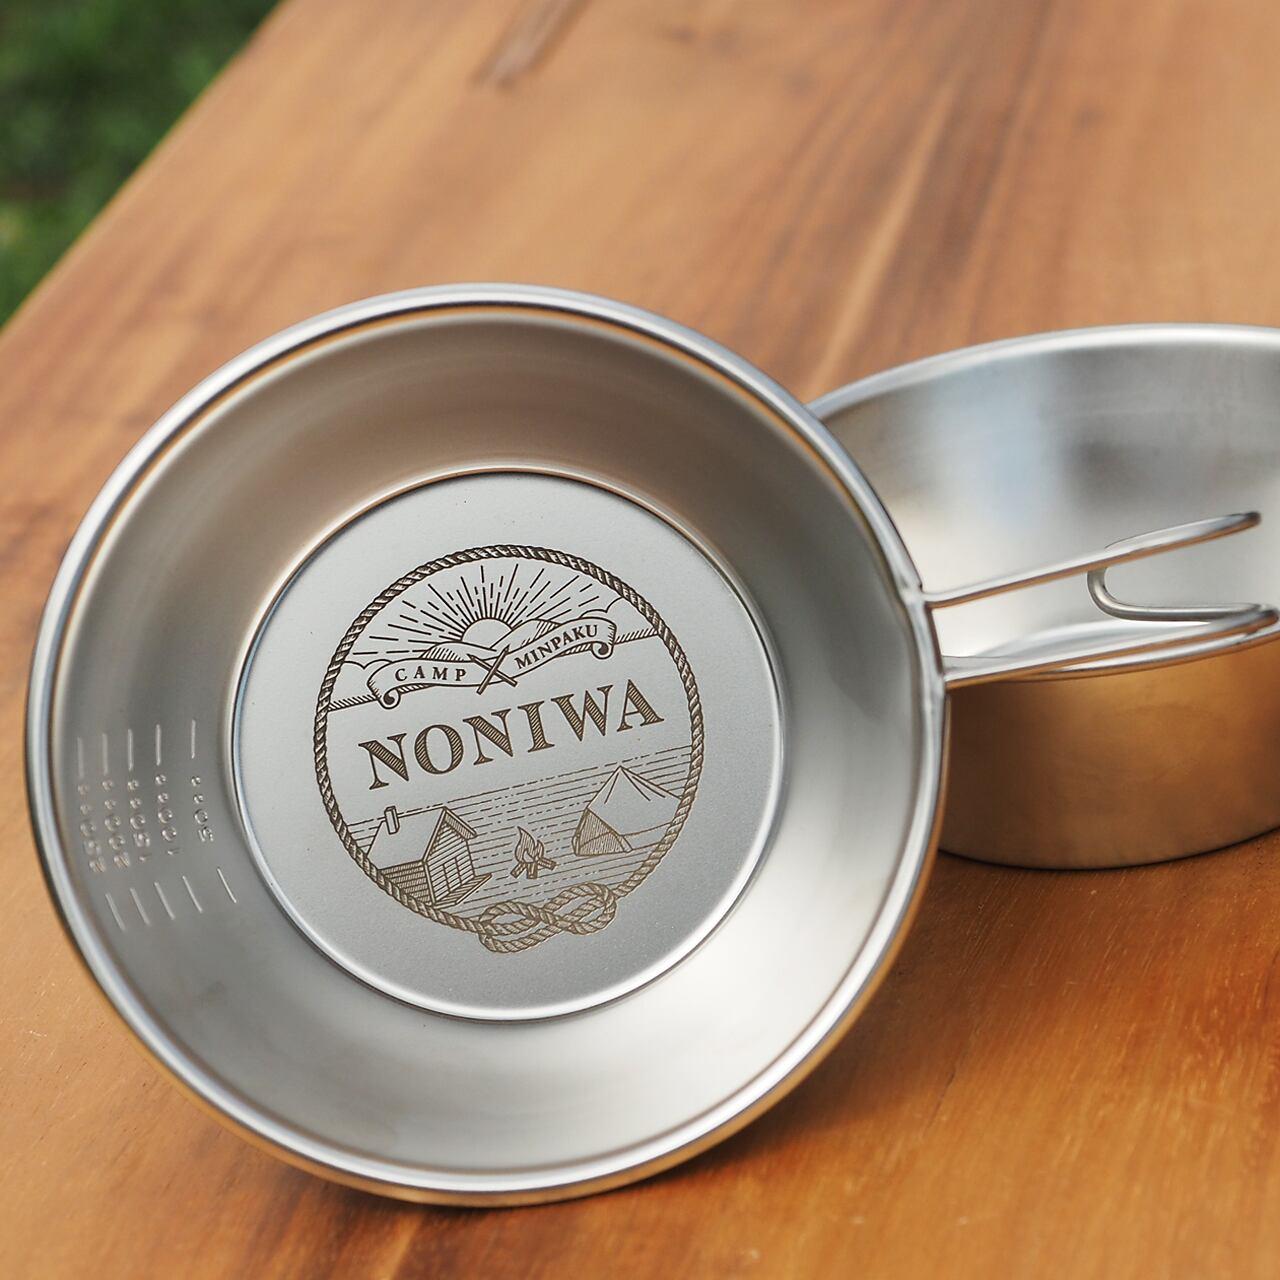 NONIWA シェラカップ